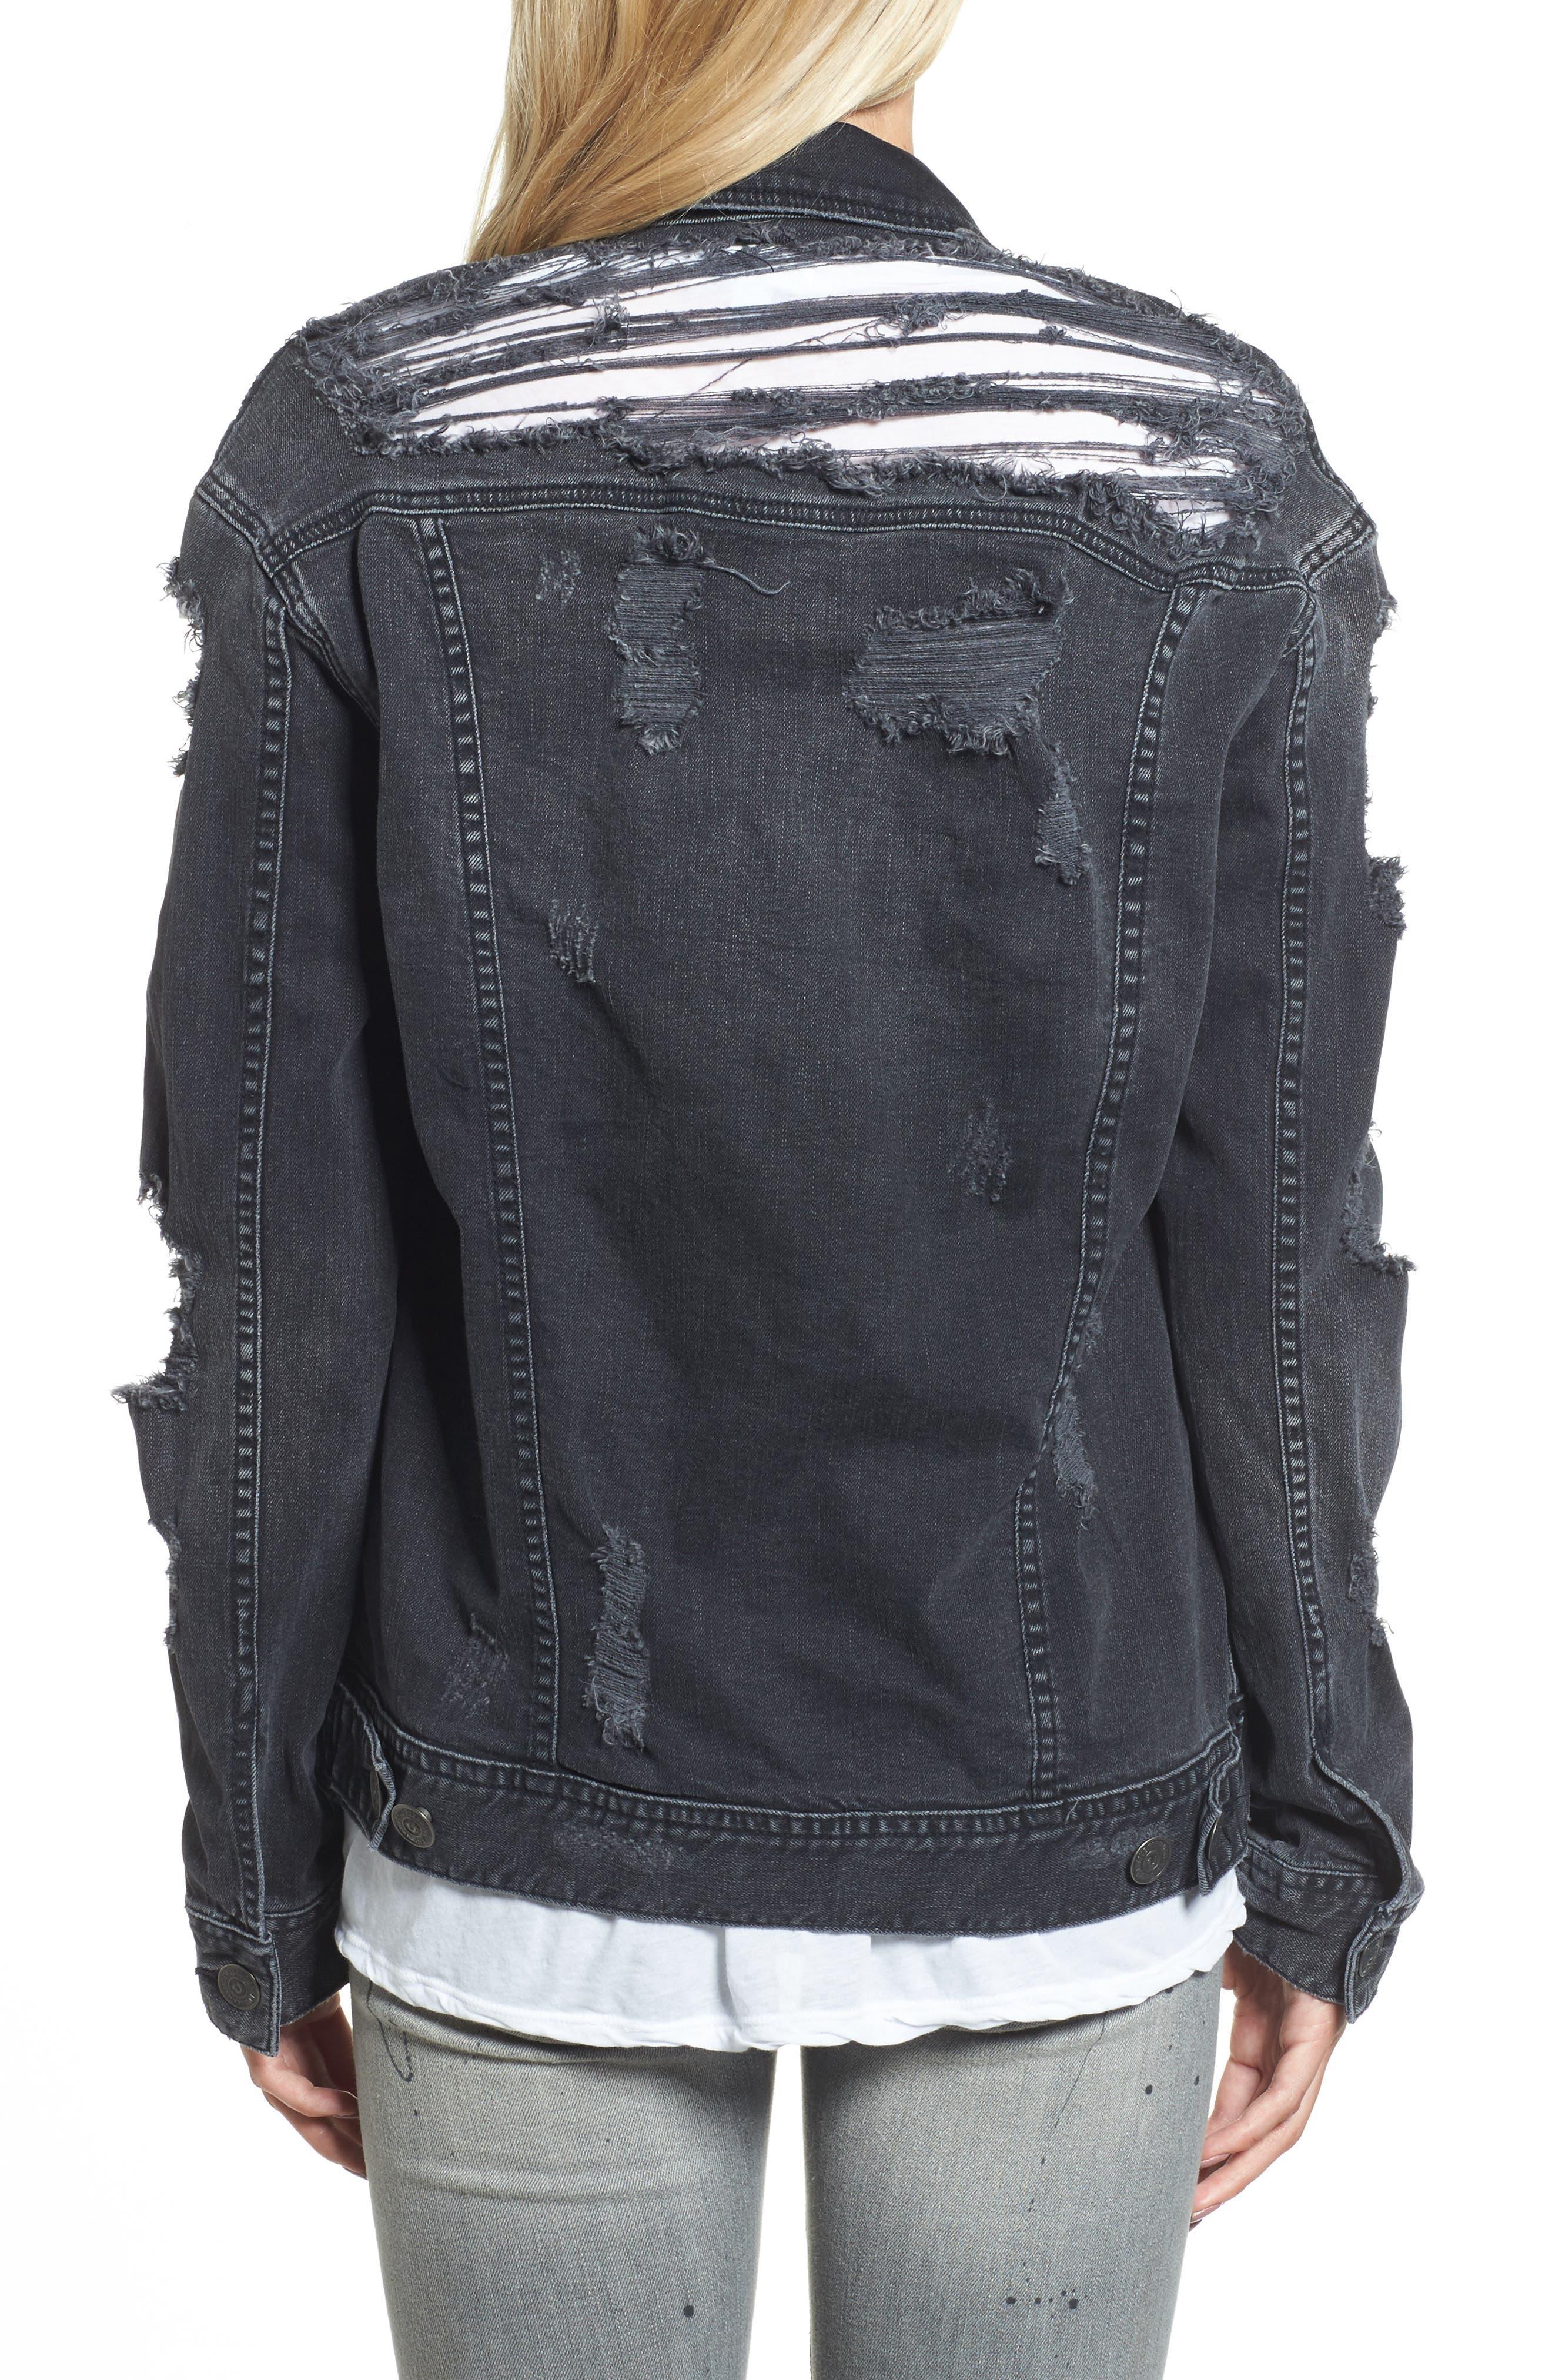 True Religion Danni Destroyed Denim Jacket,                             Alternate thumbnail 2, color,                             Backstage Destroy